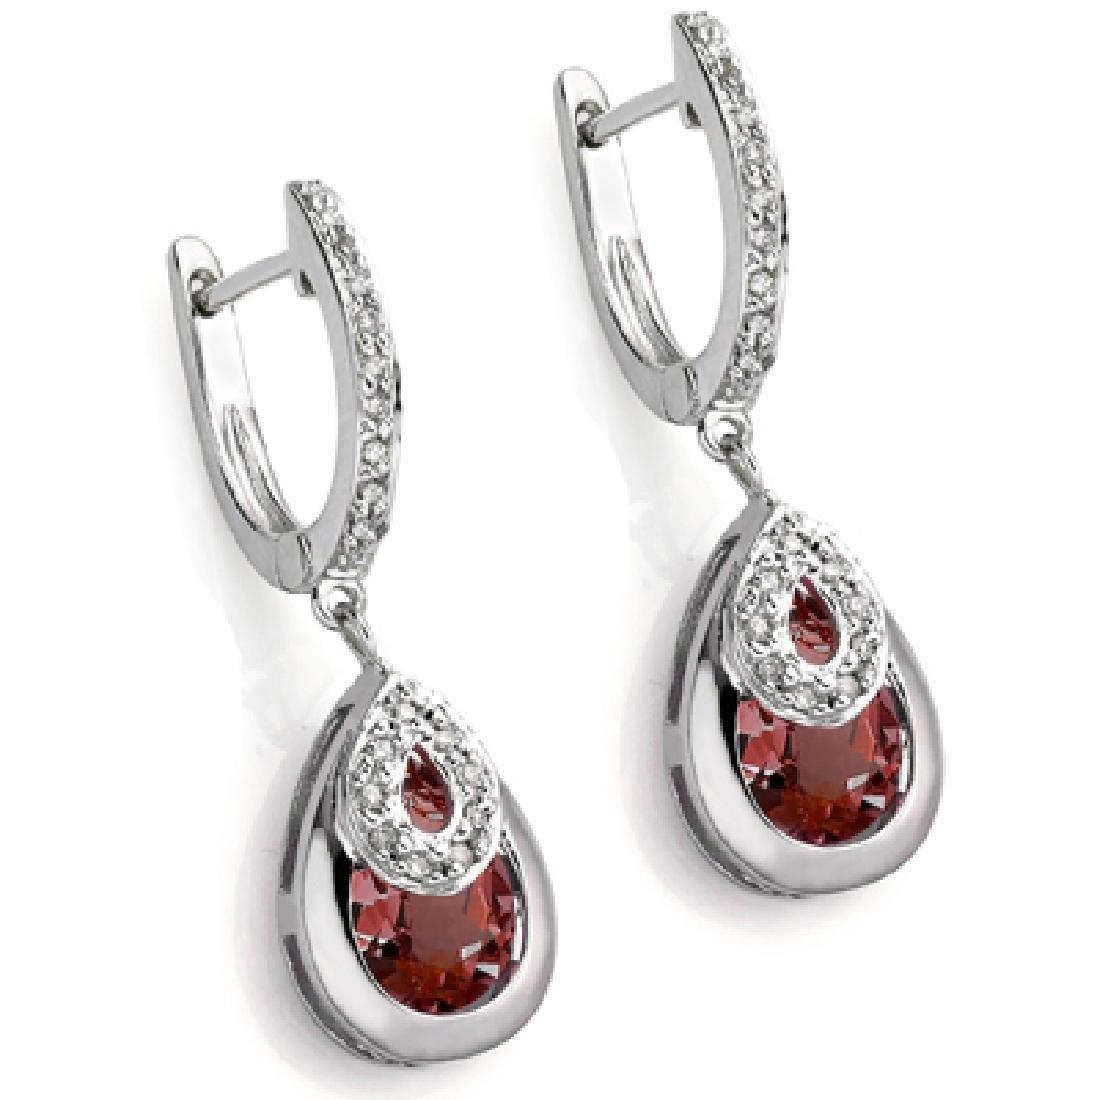 4 1/2 CARAT GARNET & DIAMOND 925 STERLING SILVER EARRIN